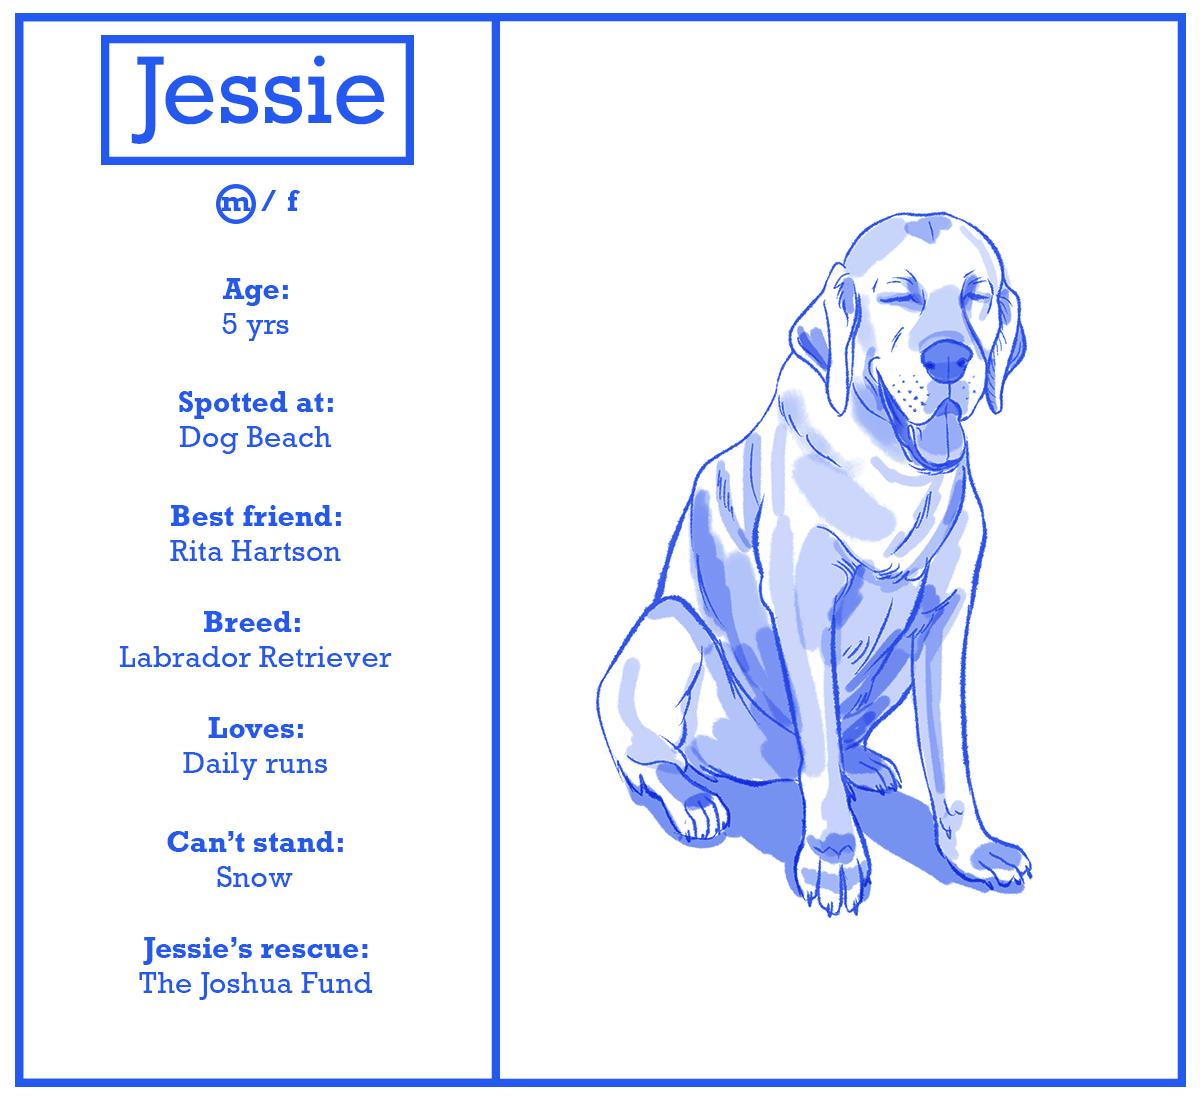 jessie.png